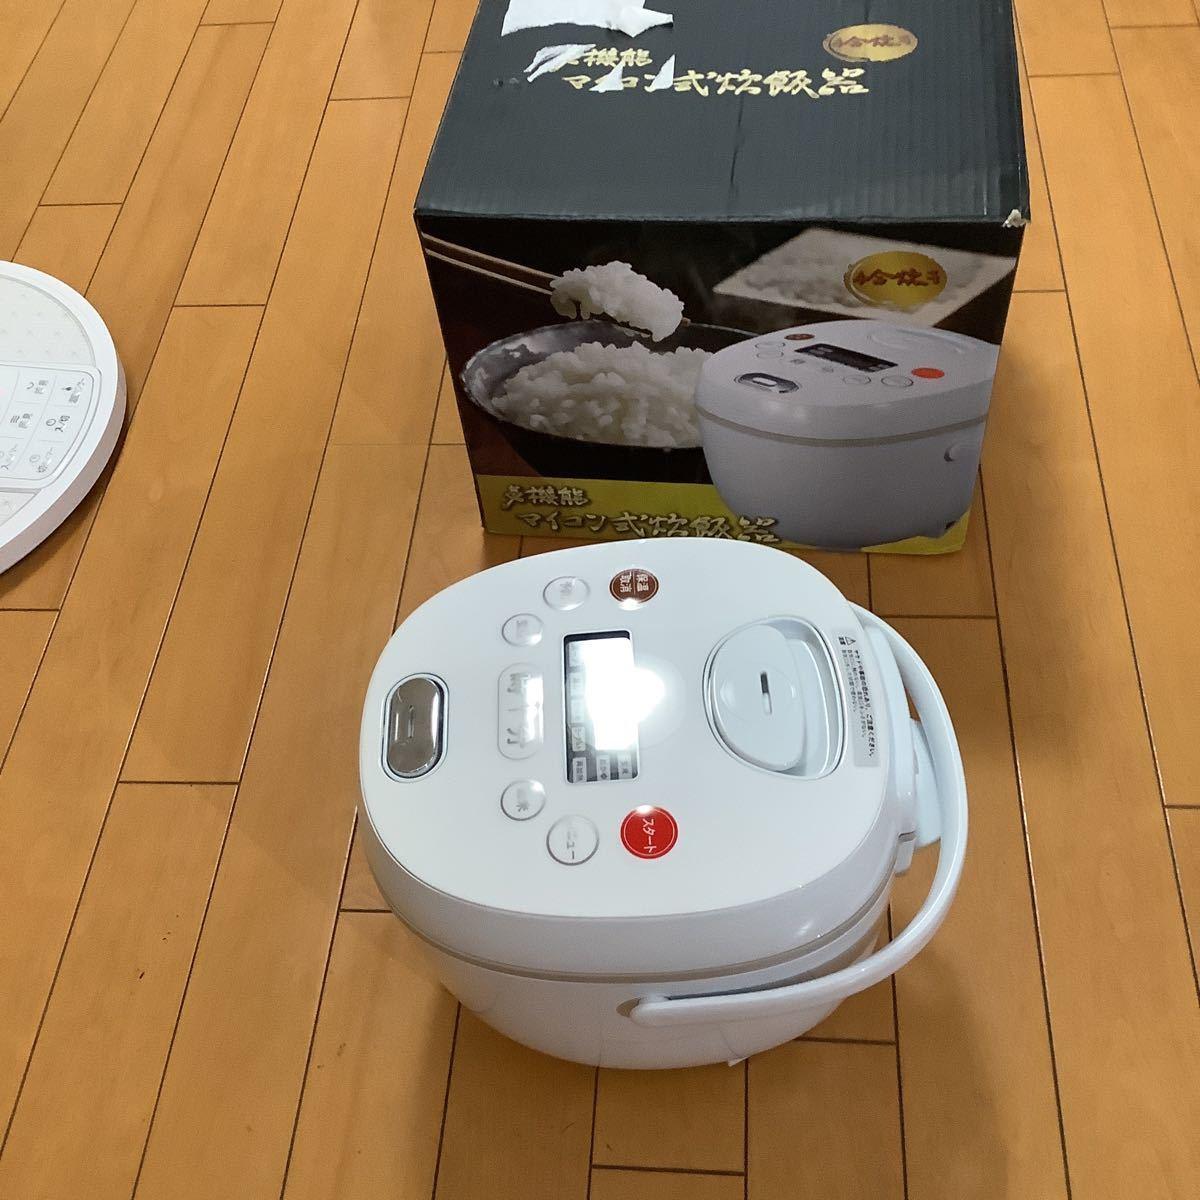 多機能マイコン式炊飯器